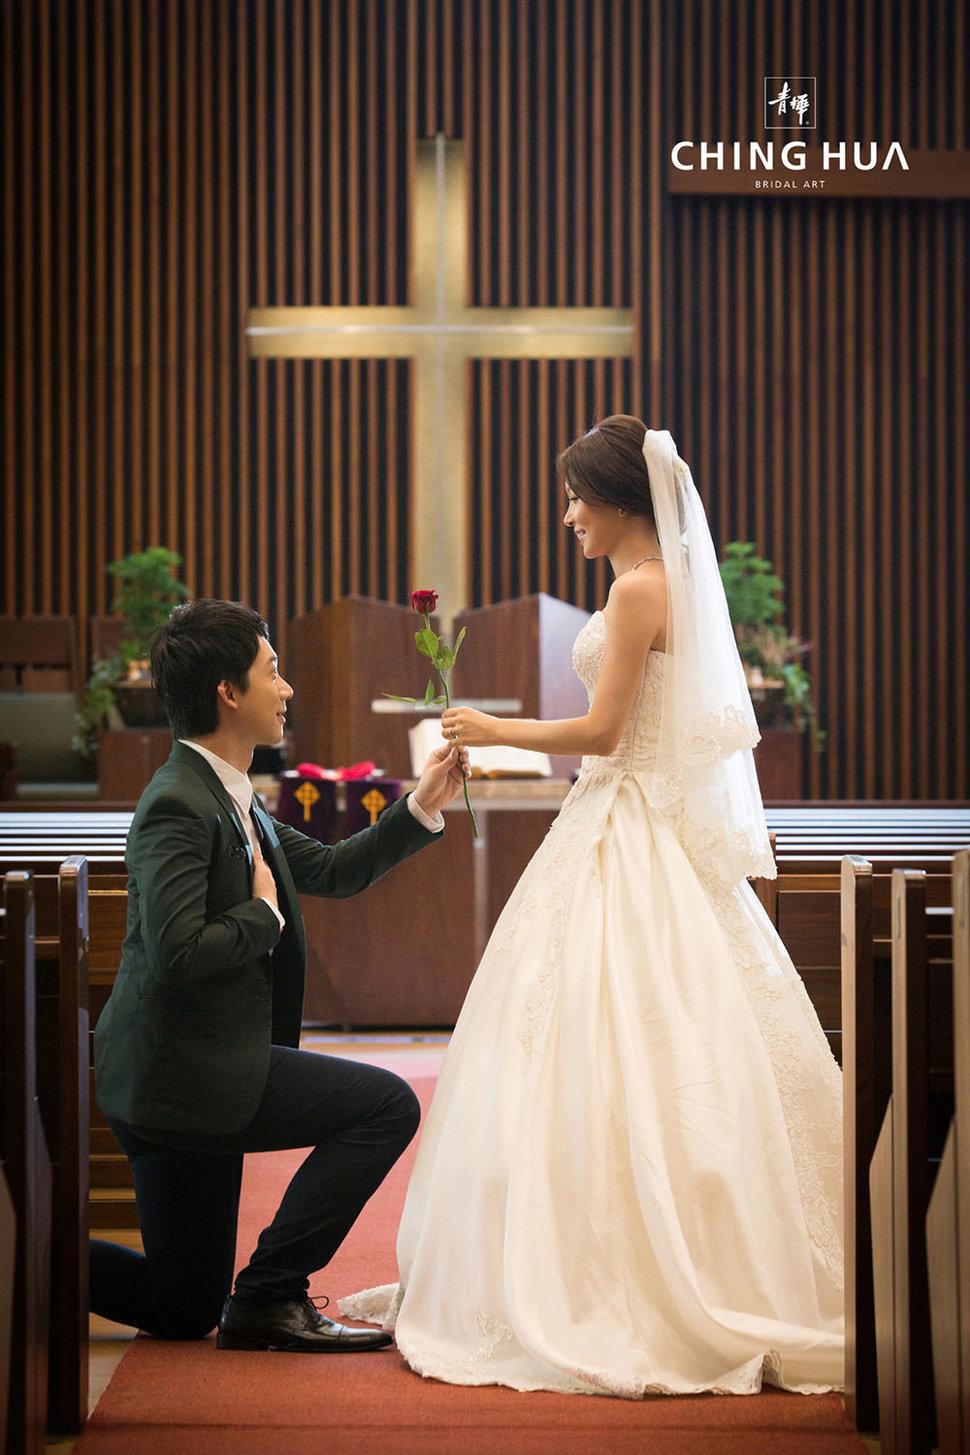 <青樺婚紗>特色婚紗-滿滿少女心(編號:426395) - 青樺婚紗CHINGHUA - 結婚吧一站式婚禮服務平台